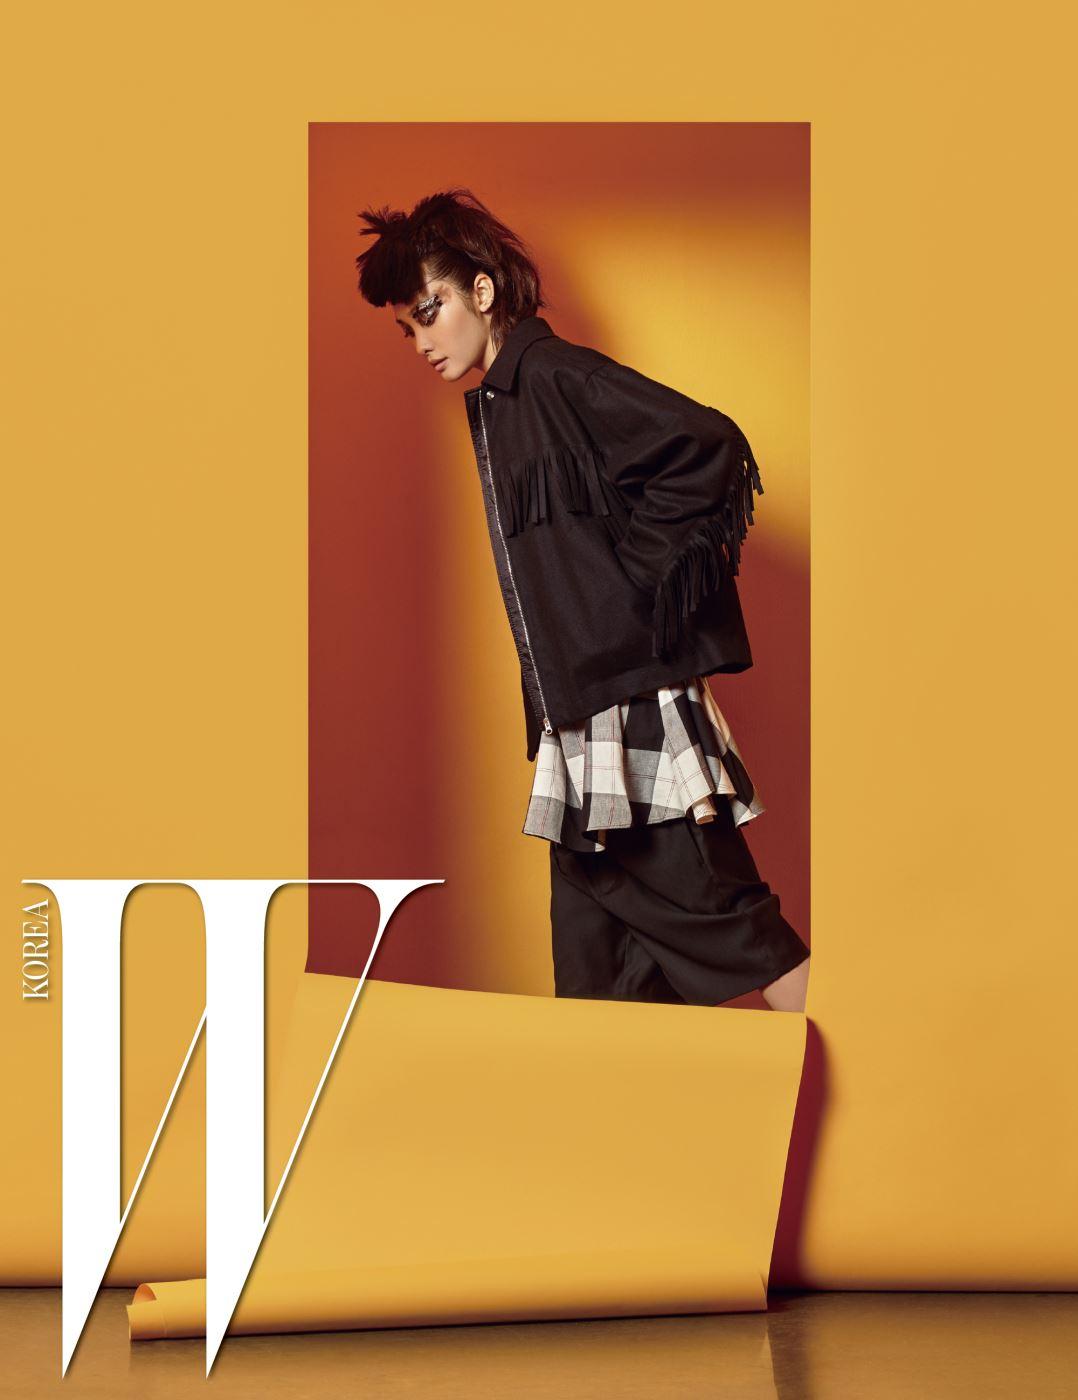 프린지 장식 재킷, 체크무늬 셔츠, 통넓은 쇼츠는 모두 MM6 제품.